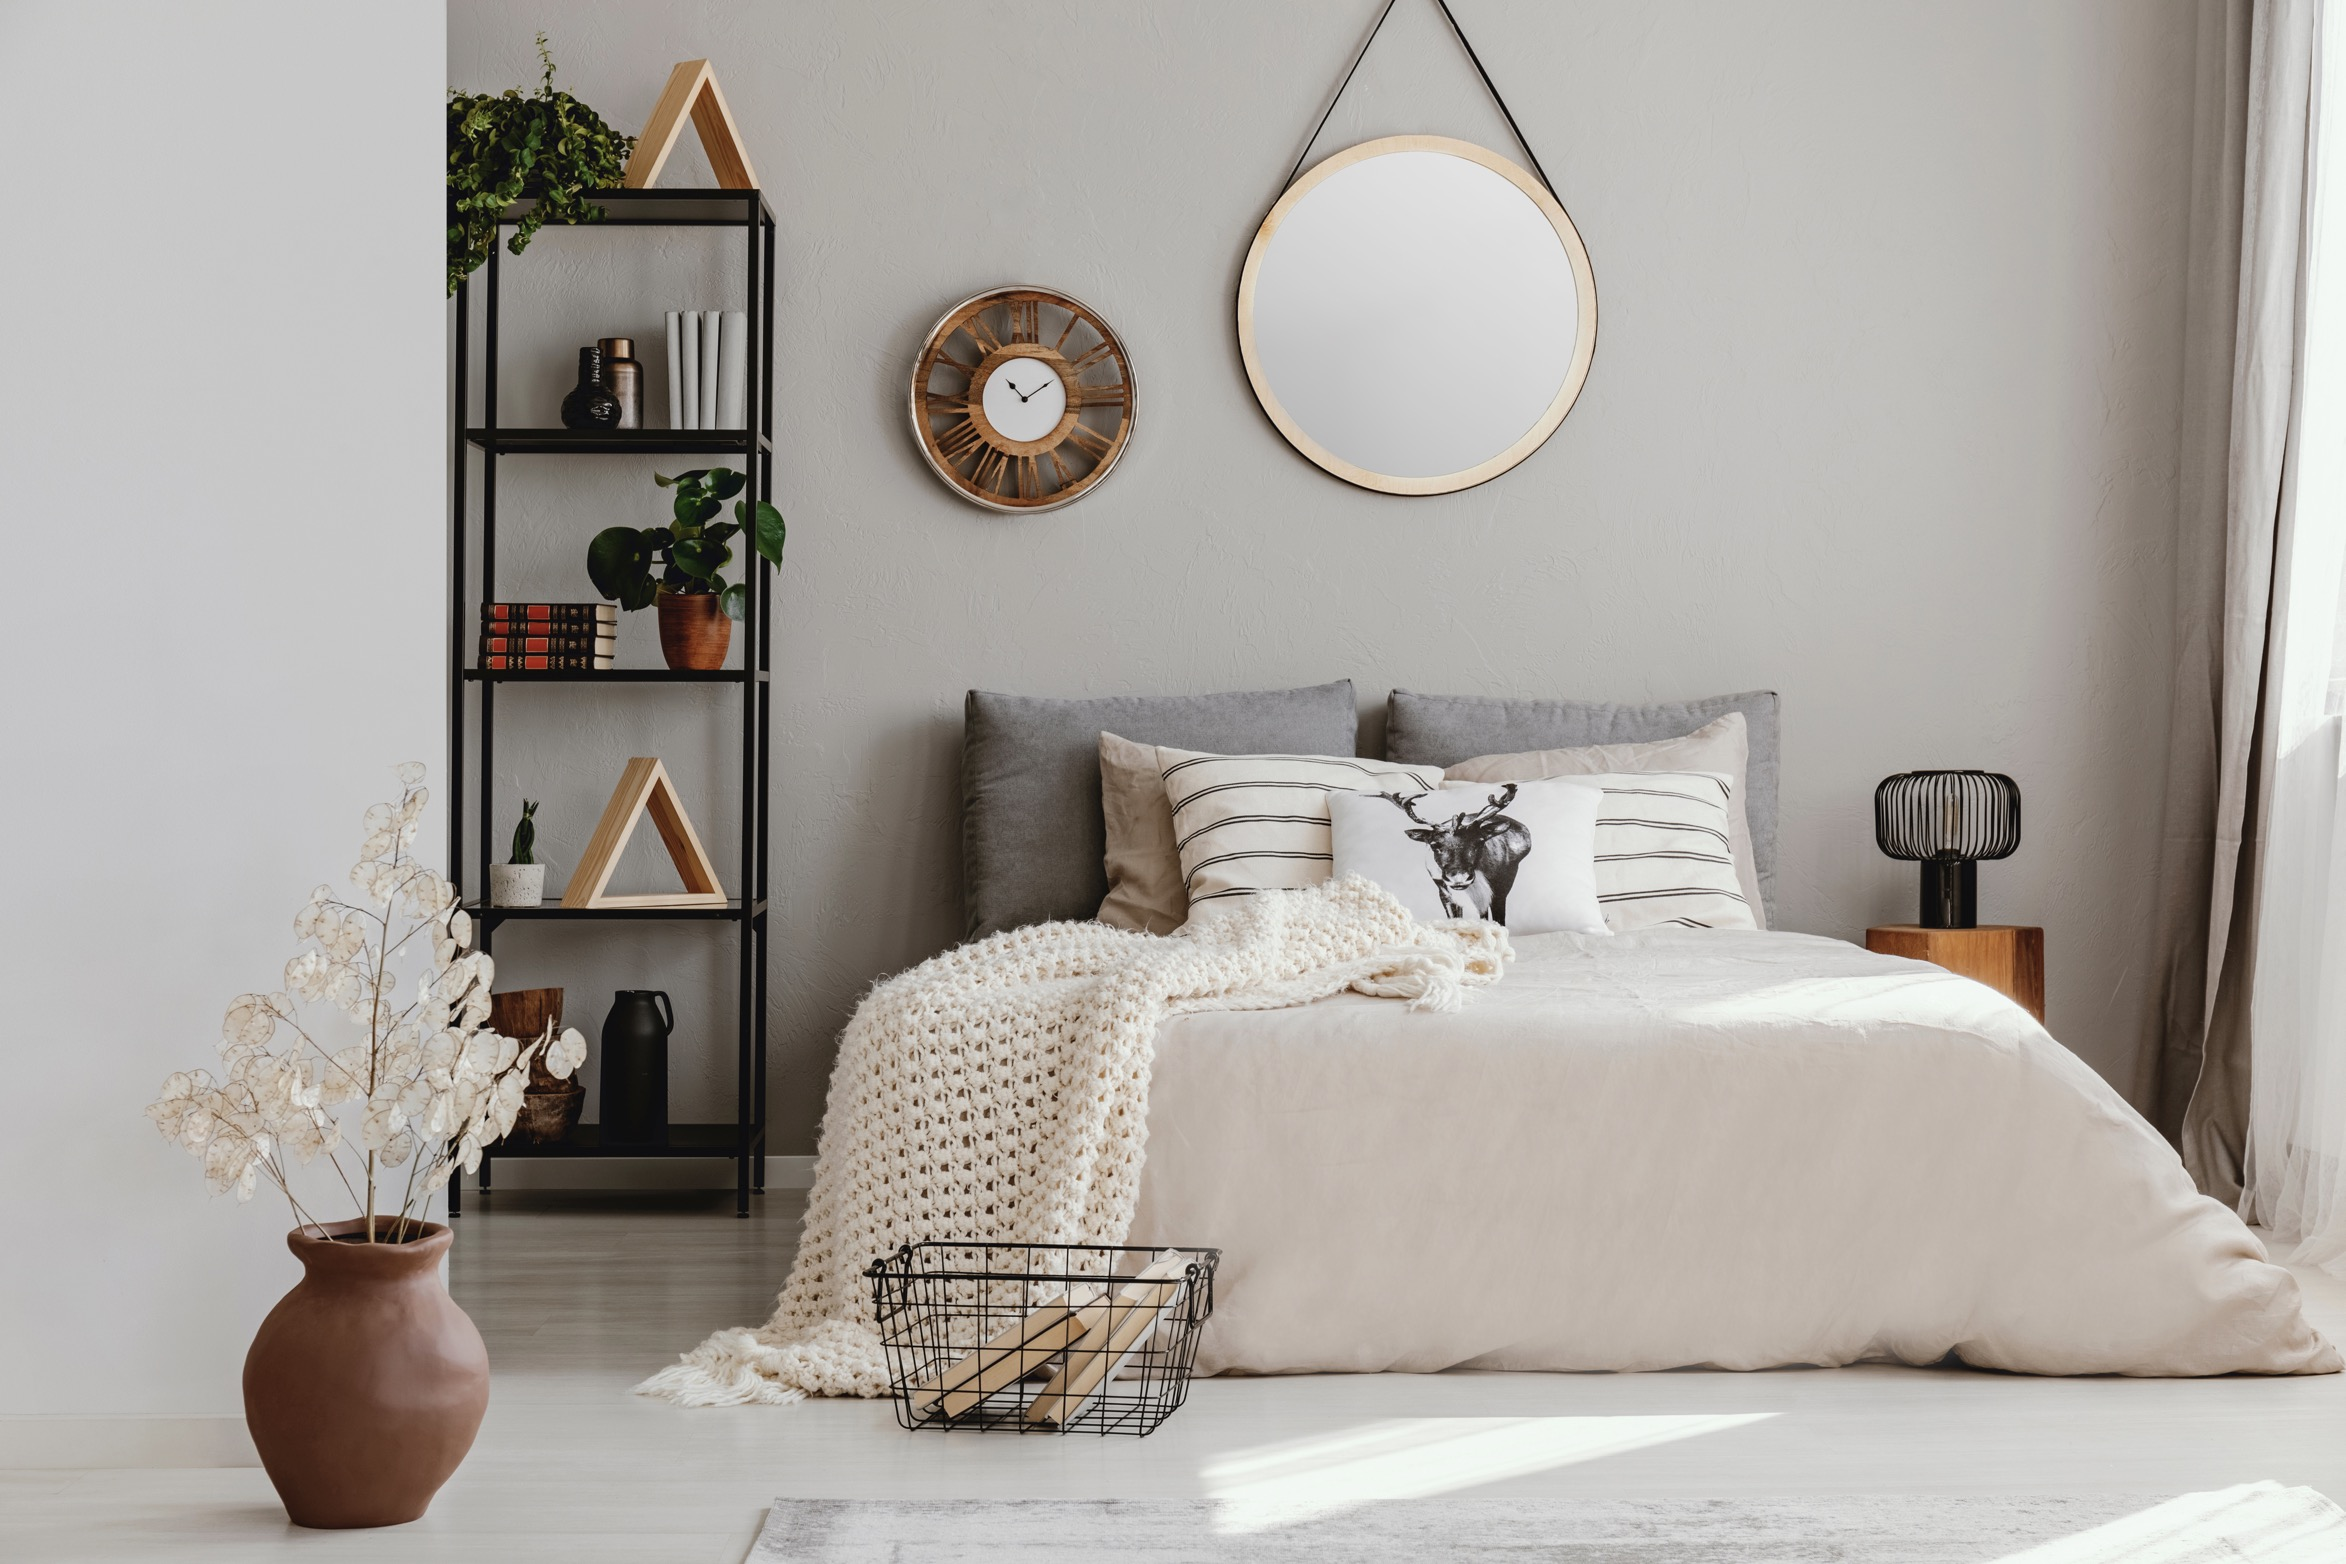 8 Desain Tempat Tidur yang Modern dan Minimalis